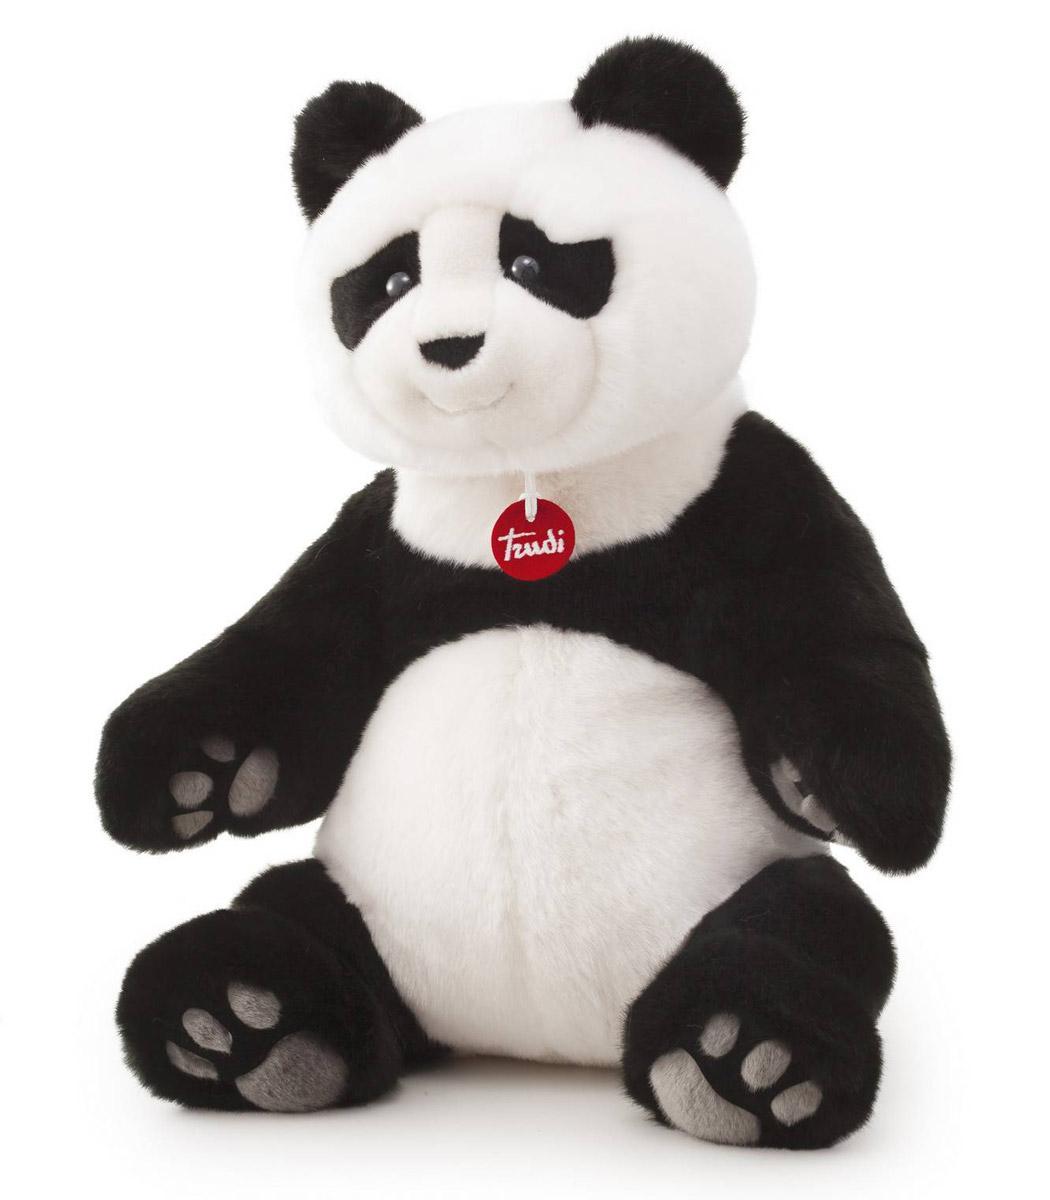 Trudi Мягкая игрушка Панда Кевин сидячая 45 см мягкая игрушка trudi панда кевин сидящий